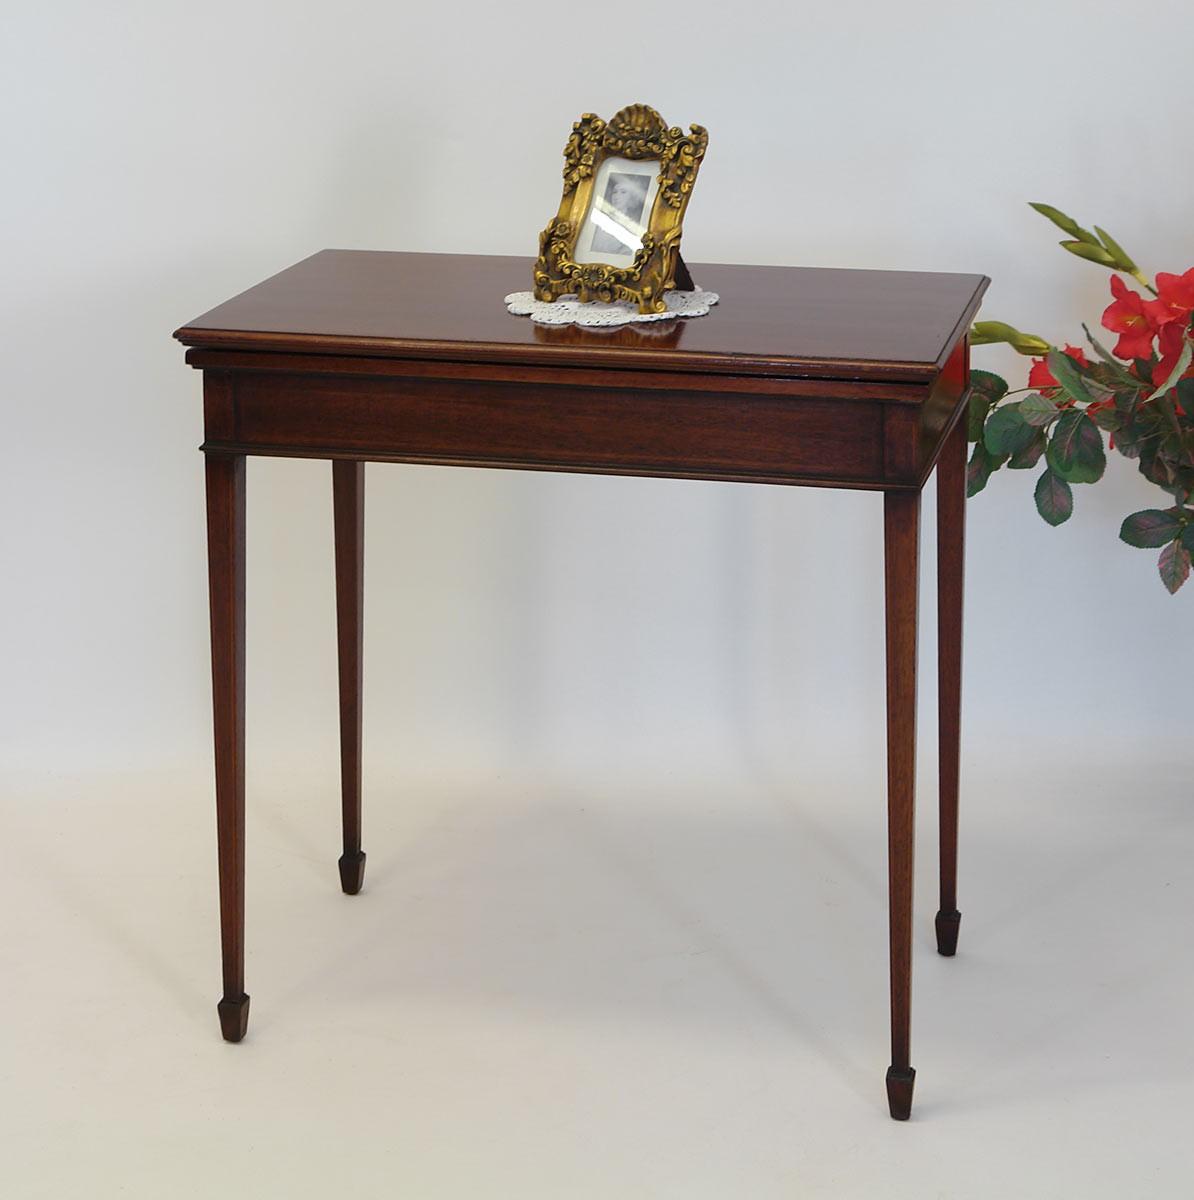 spieltisch beistelltisch konsole aus mahagoni englischer stil um 1900 1177 m bel tische. Black Bedroom Furniture Sets. Home Design Ideas